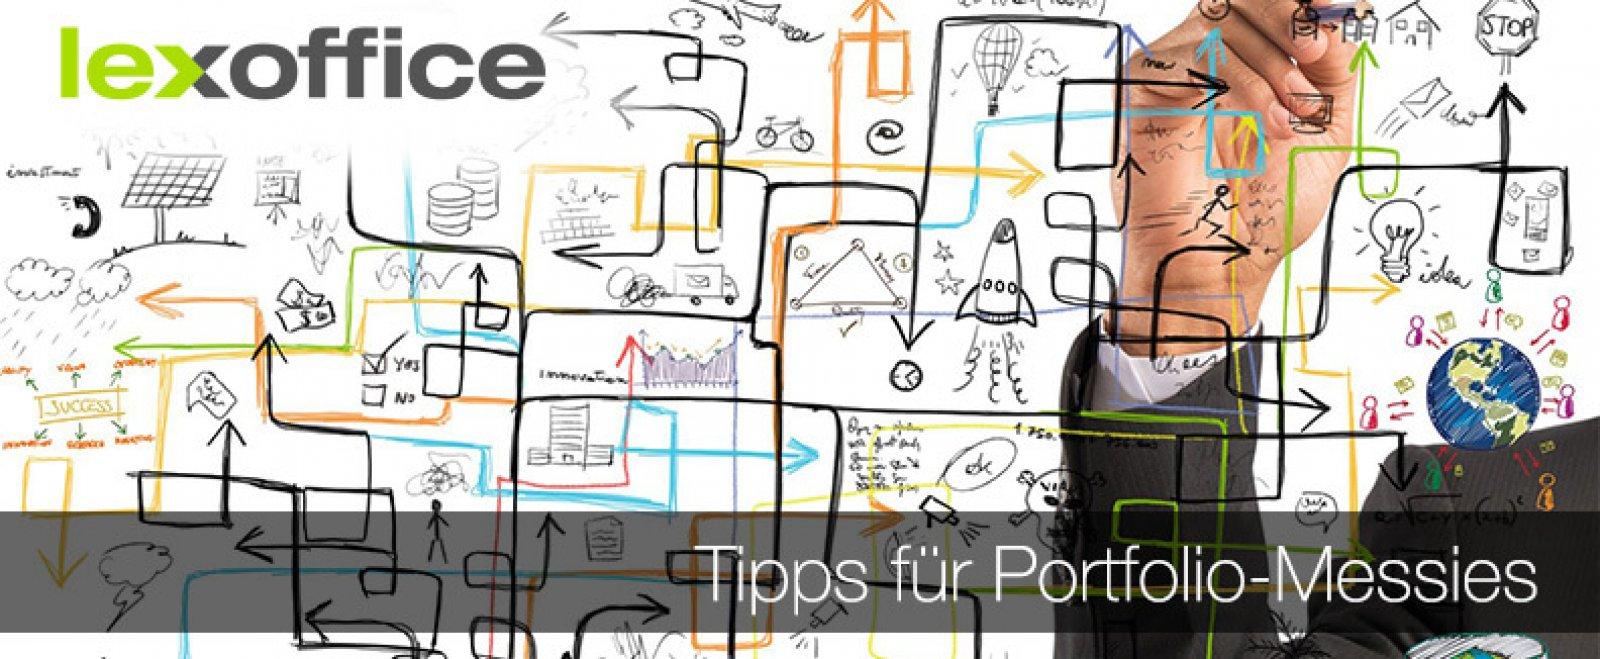 Tipps für Portfolio-Messies Tipps für Portfolio-Messies